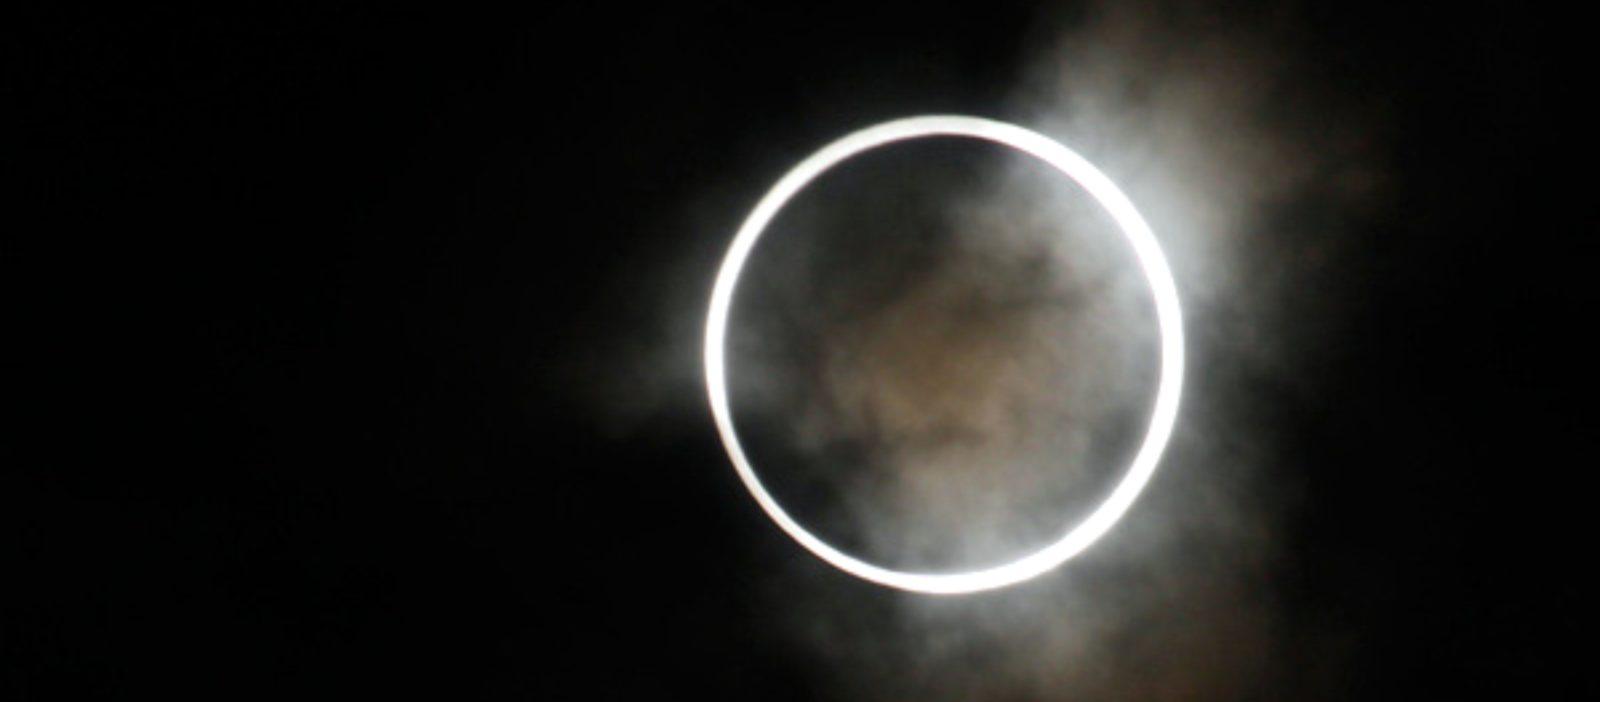 eclipse solar anular indagadores wp - Спецэффекты затмений